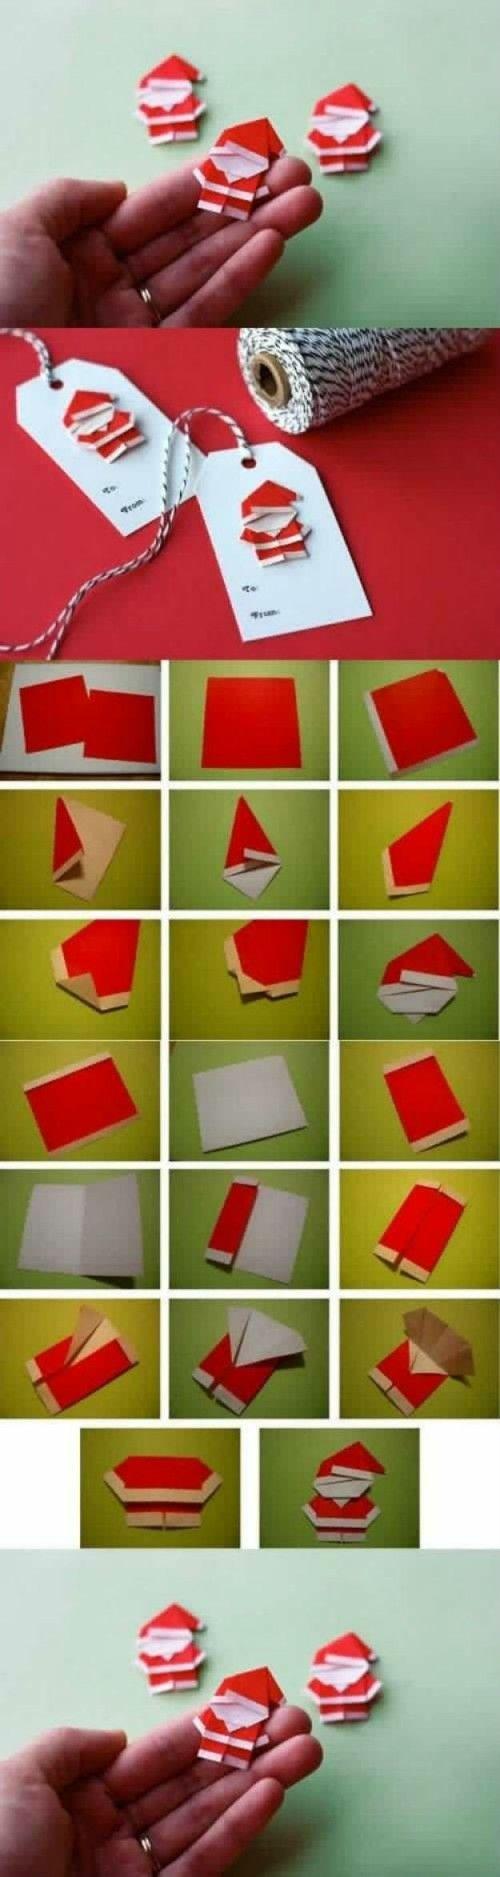 Süße Geschenkanhänger im Origamistil: Nikoläuse aus Papier falten. Toll! #geschenkanhängerweihnachten